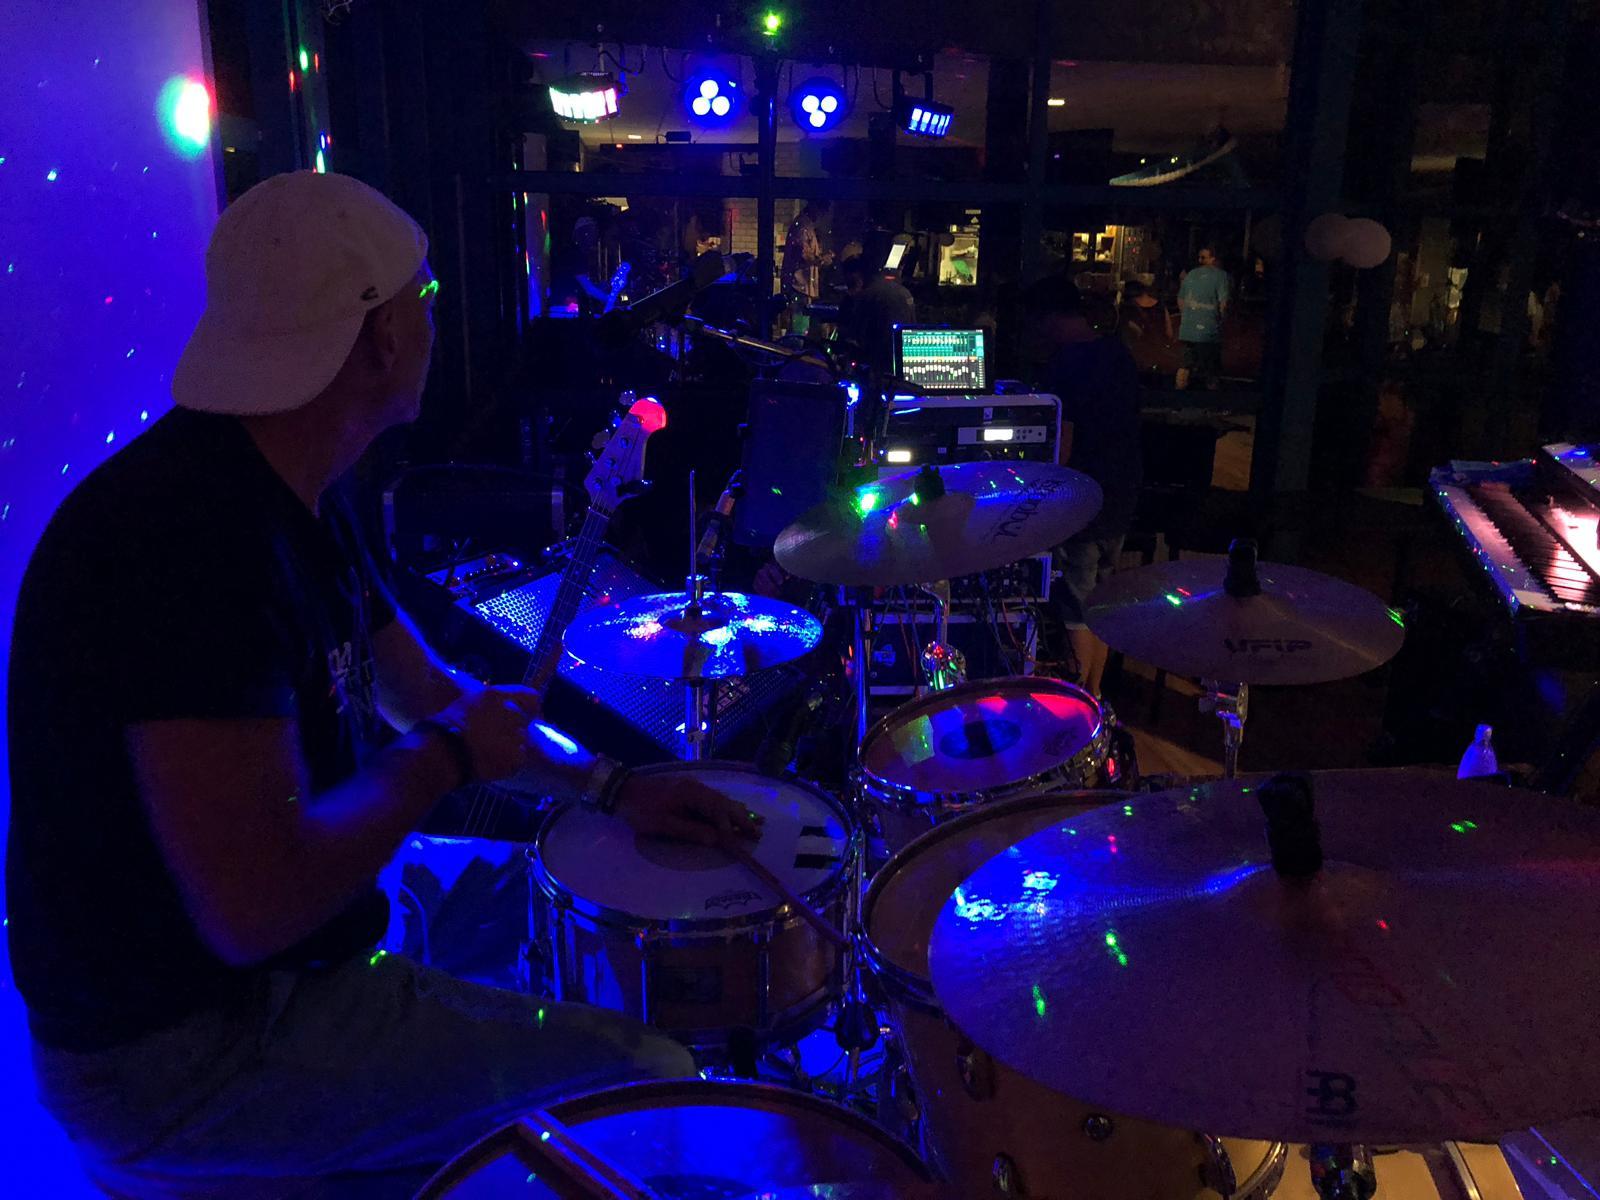 Schlagzeug und Partystimmung